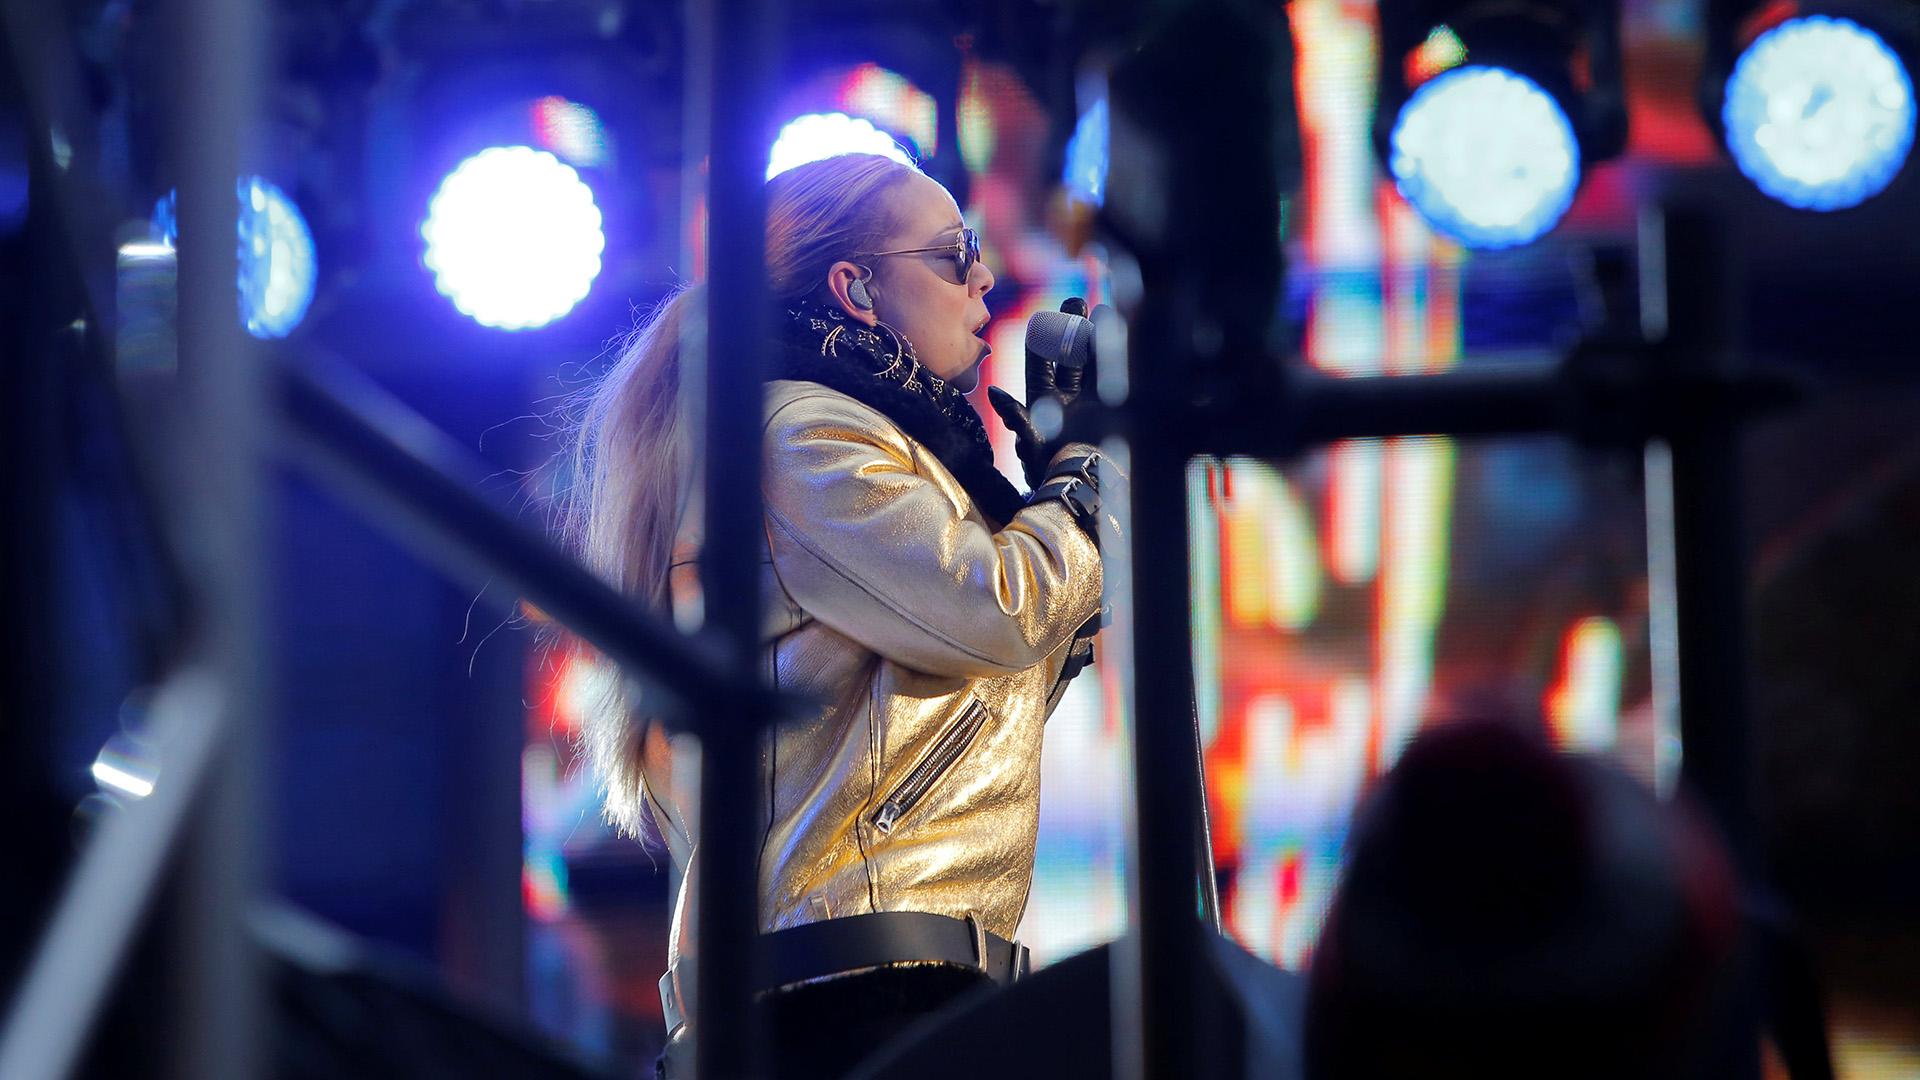 A punto de cumplir 48 años en marzo, la artista mantiene intacta su belleza, su pasión por la música y su gran carisma